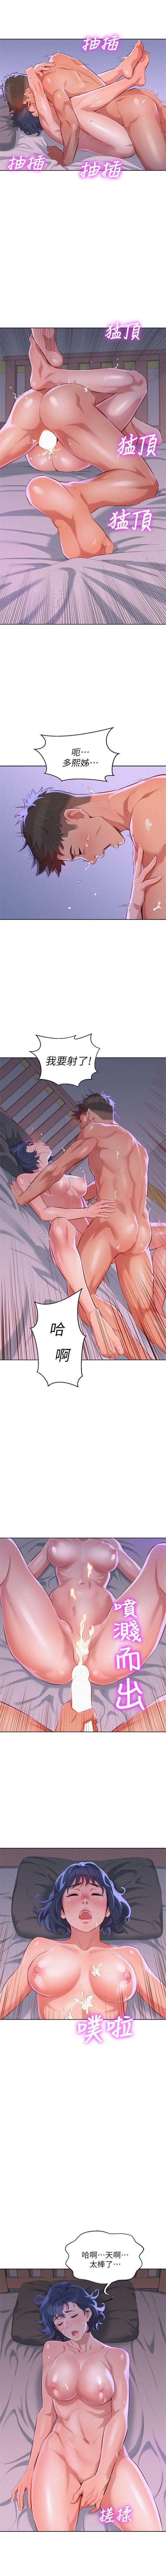 (周7)漂亮干姐姐  1-81 中文翻译 (更新中) 187